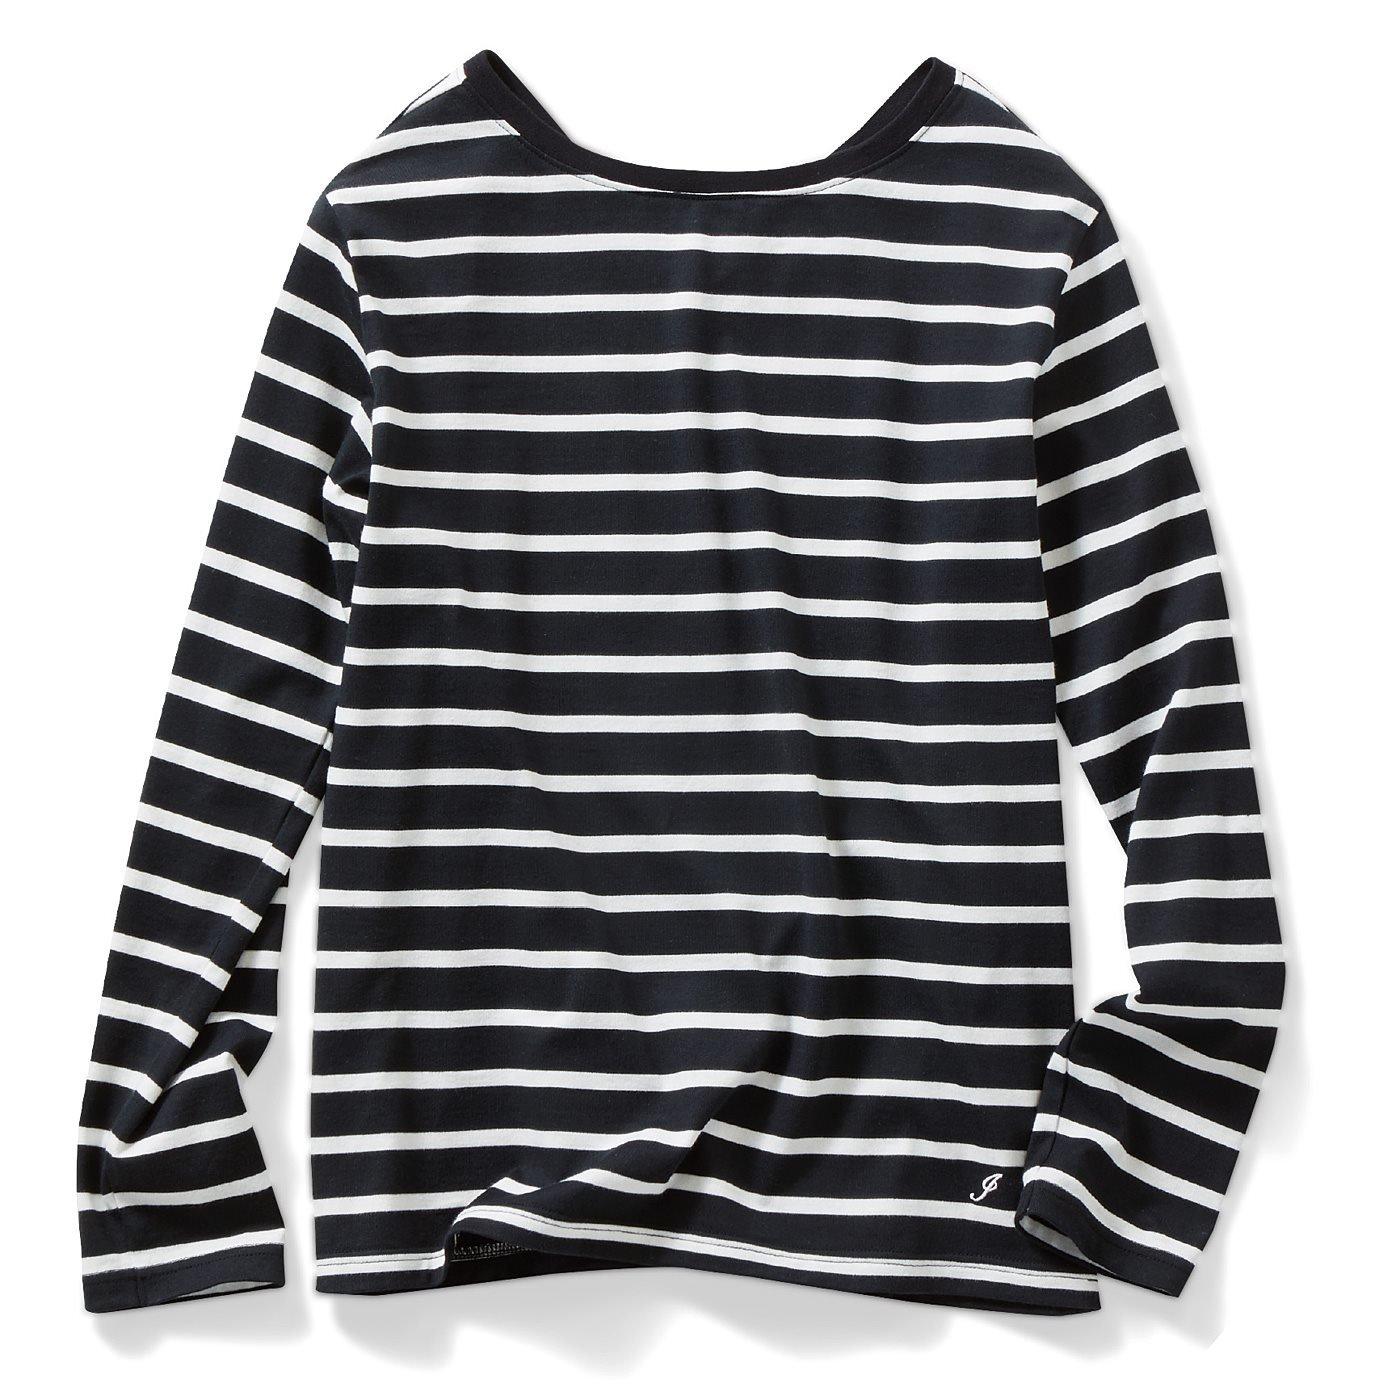 IEDIT[イディット]  カリフォルニアコットンのバックVネックボーダーTシャツ〈ブラック〉